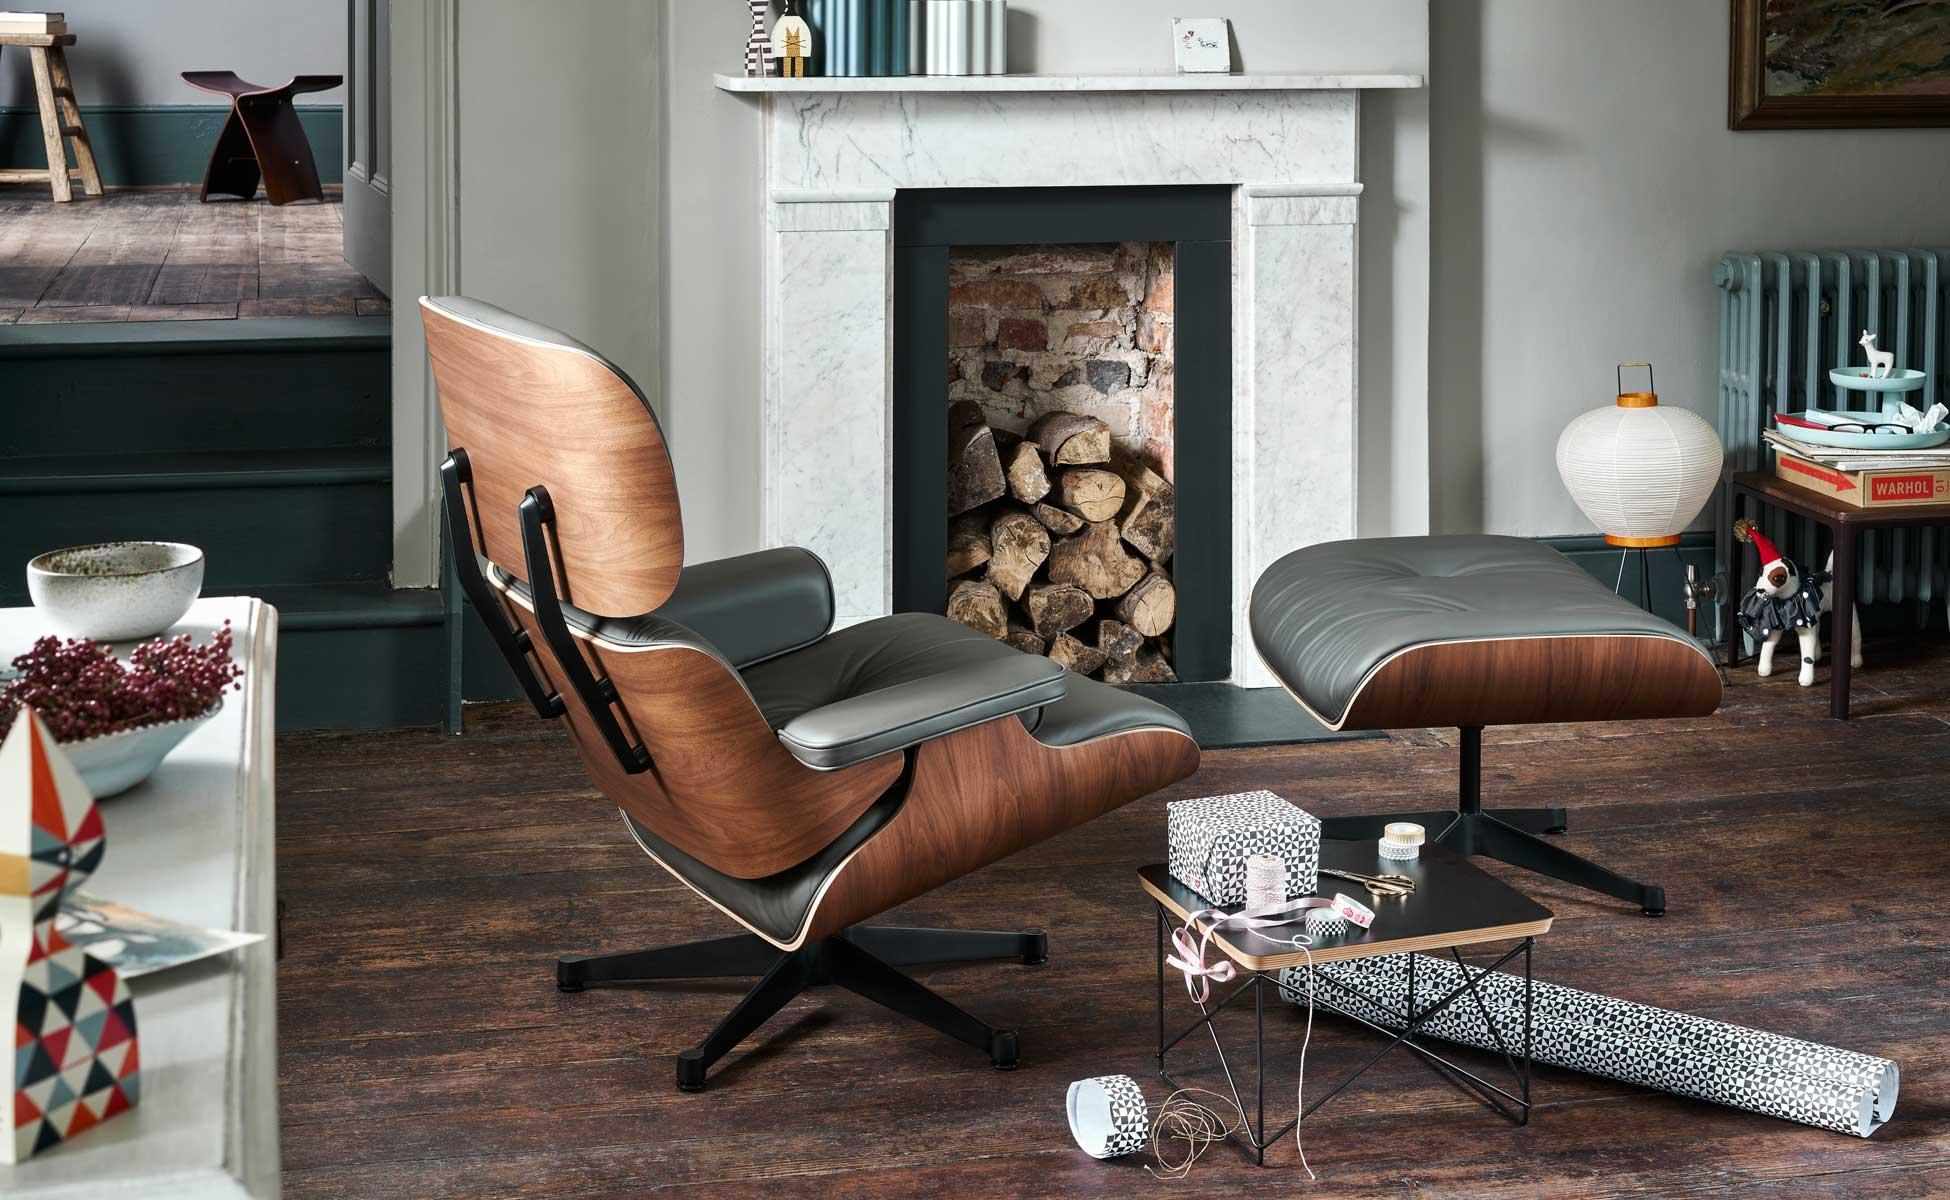 04 vitra eames lounge chair in berlin by steidten+